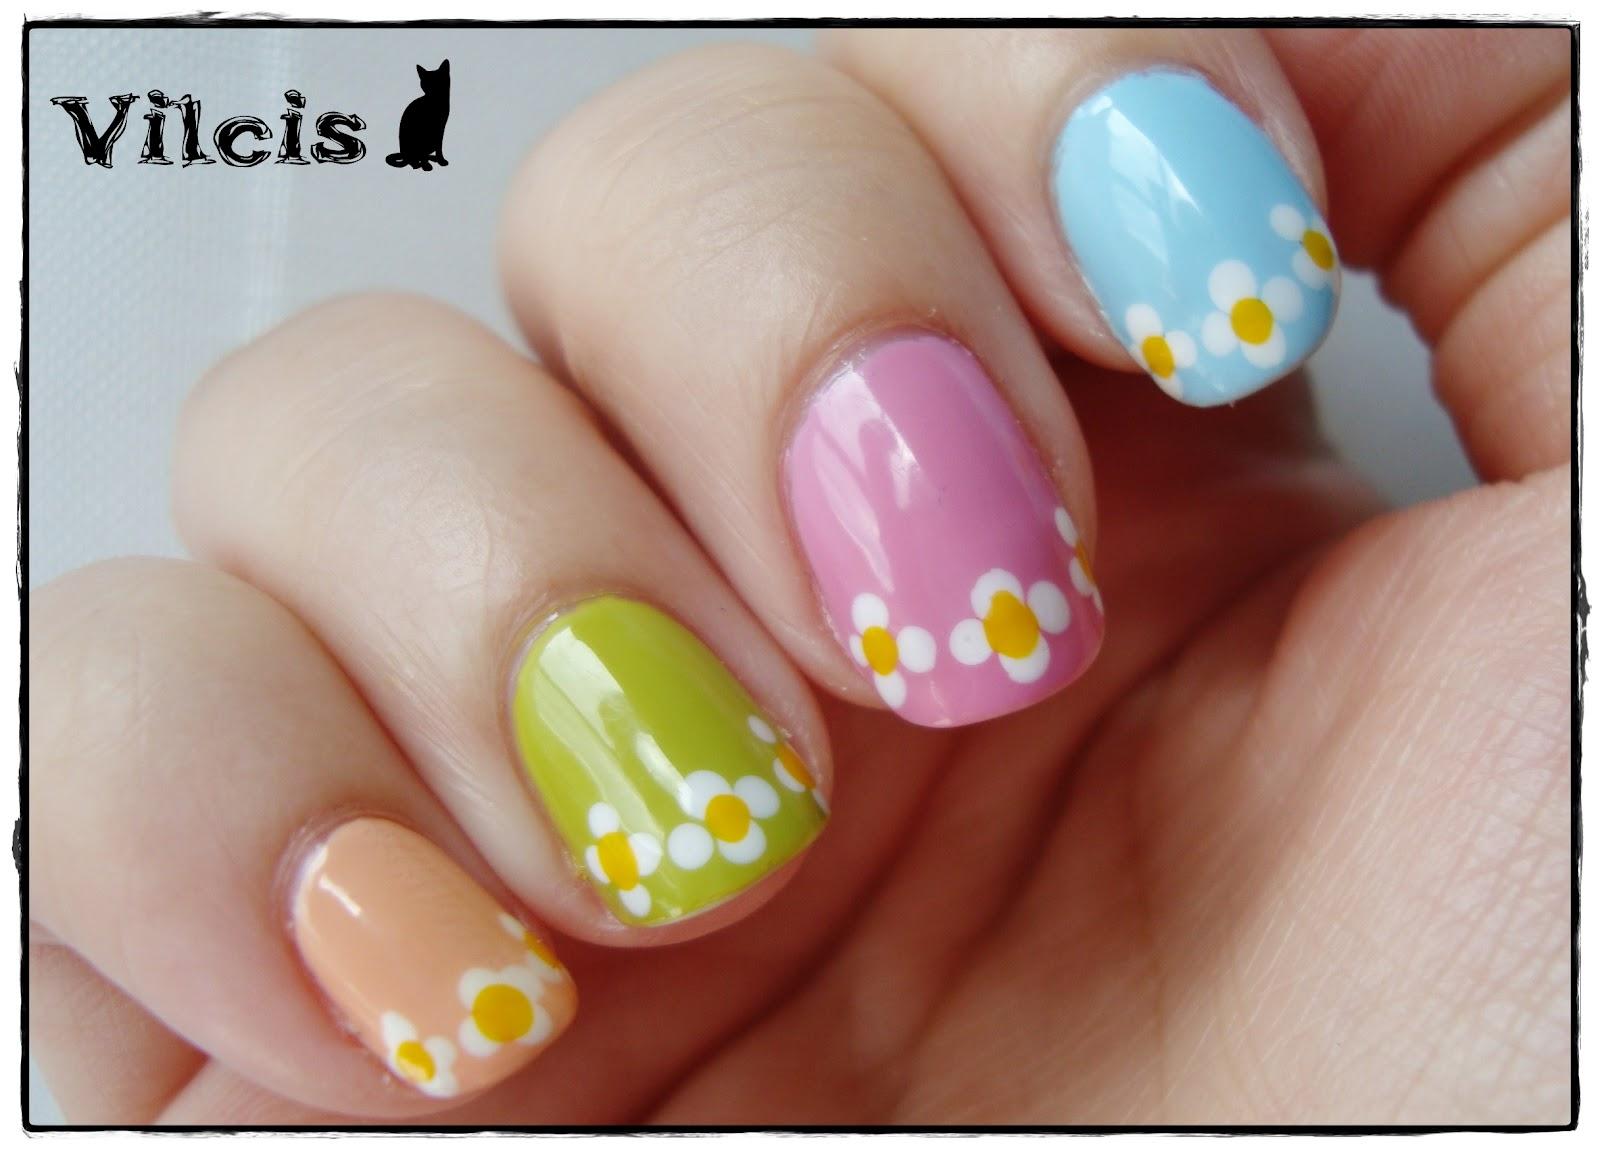 Vilcis nail designs: Desafío 31 días - Día 14 - Uñas con flores